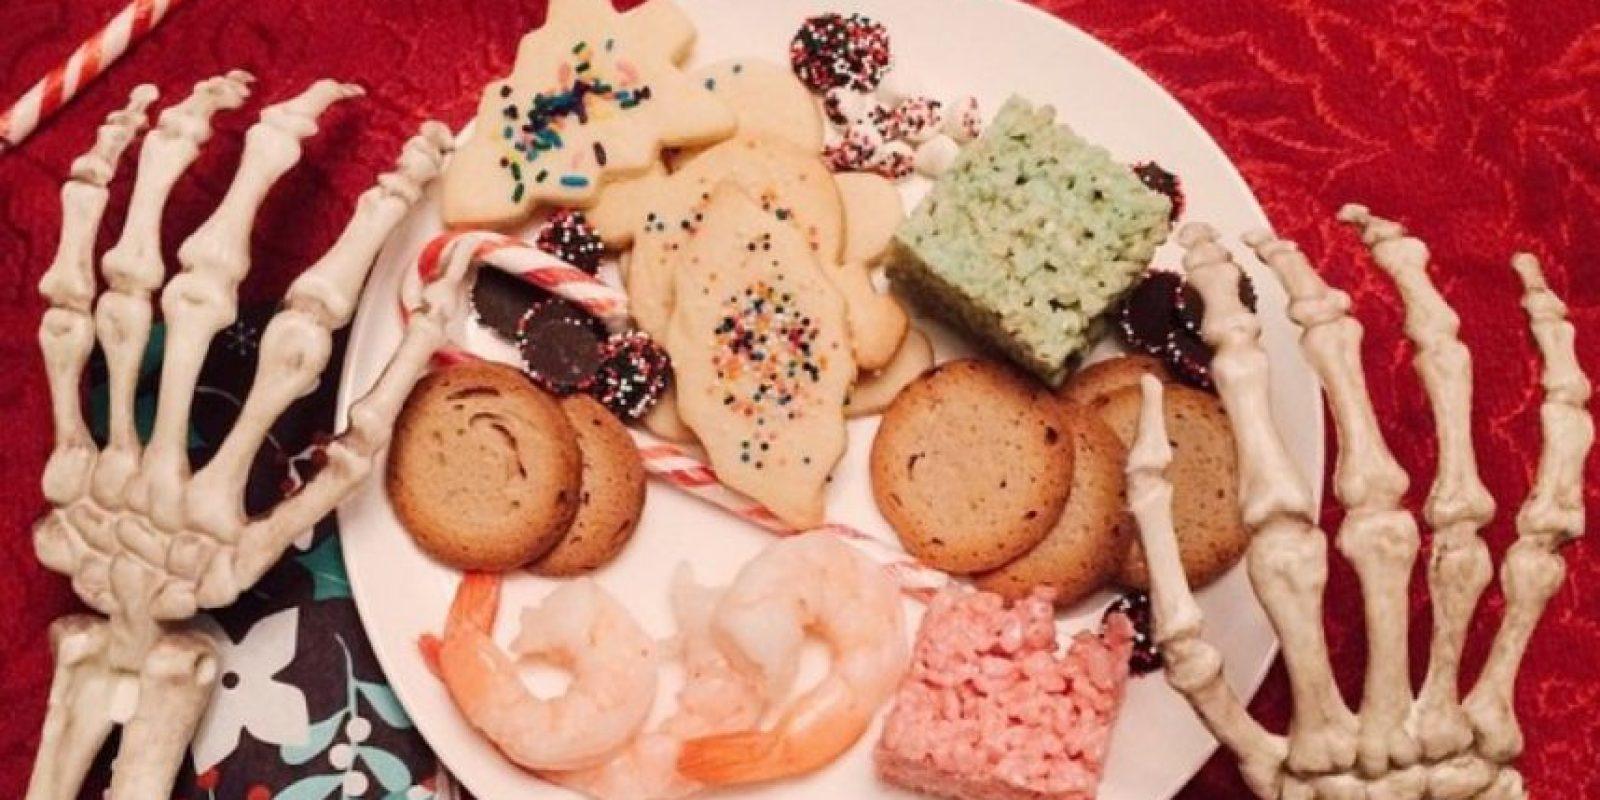 Con el plato de comida. Foto:OmgLiterallyDead/Instagram